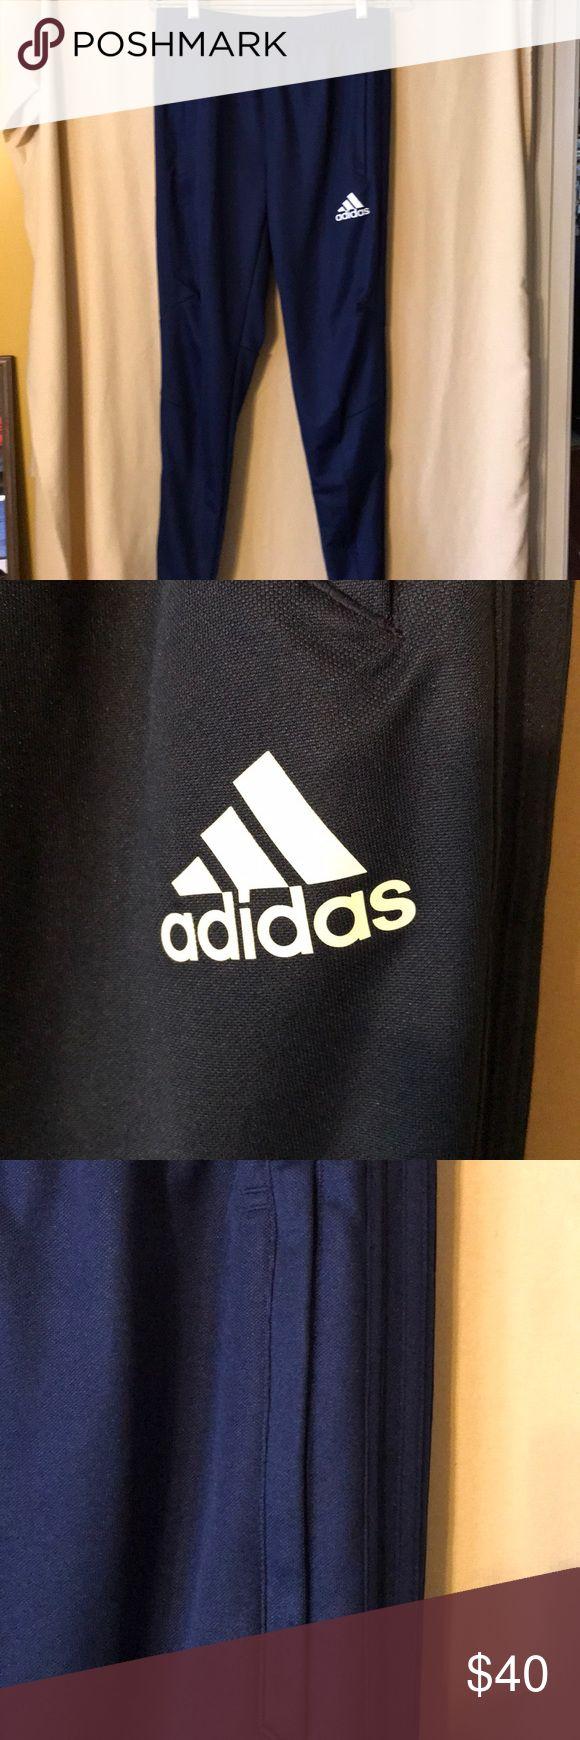 Adidas hose 88387